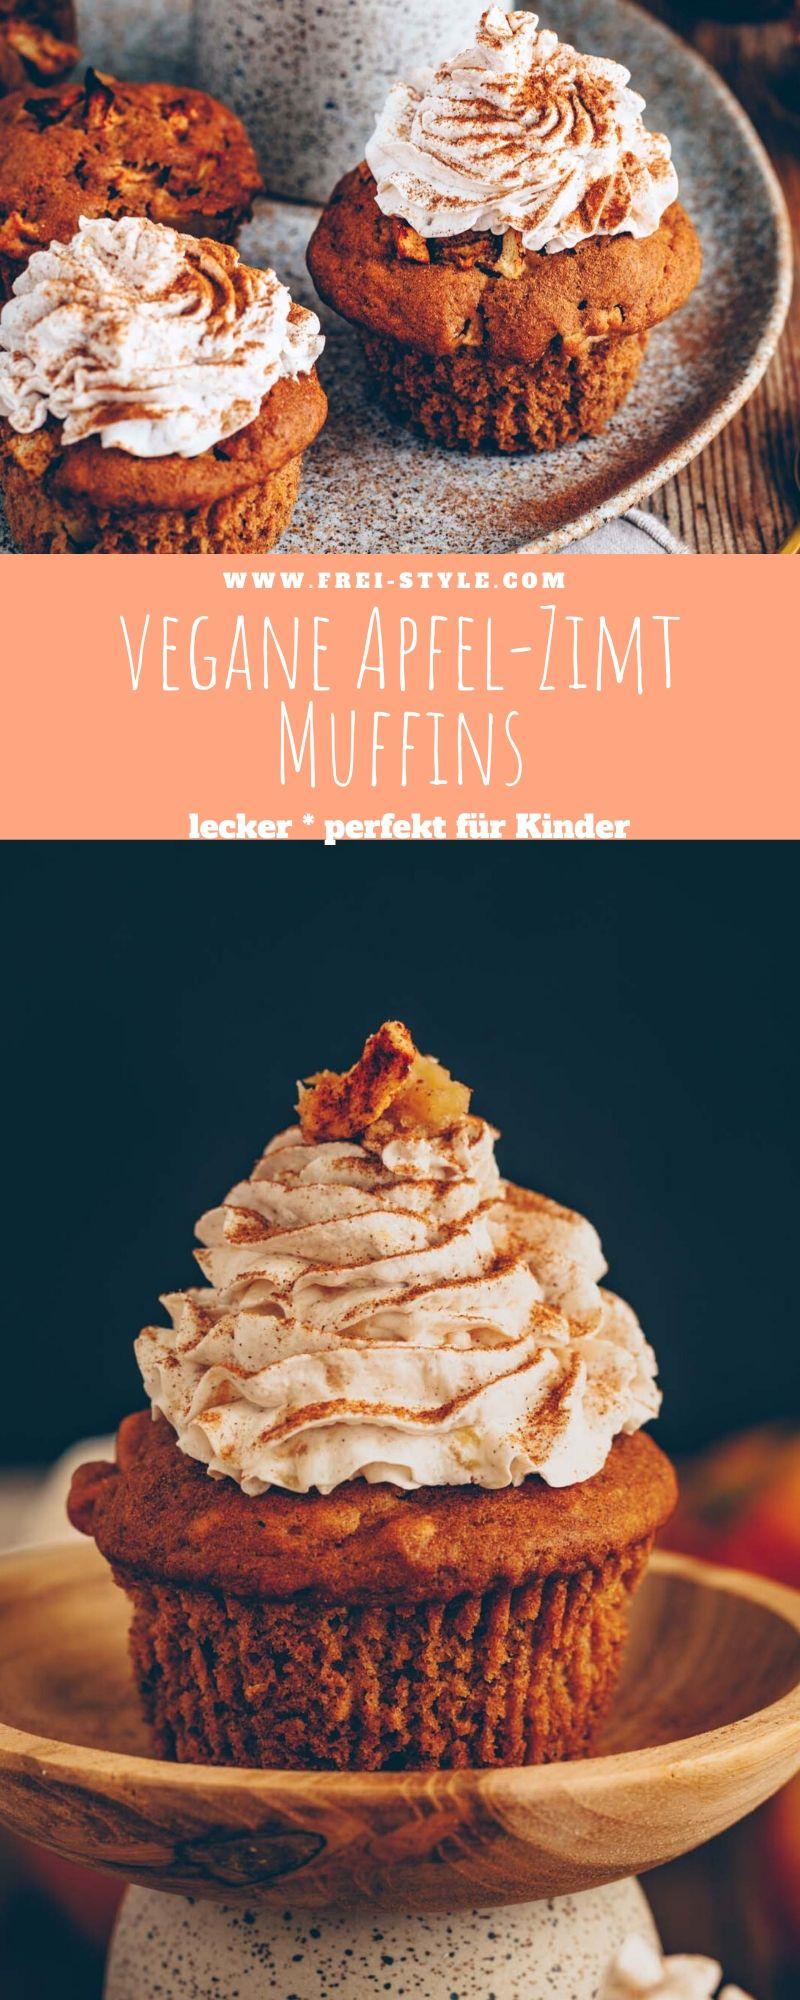 Vegane Apfel-Zimt Muffins